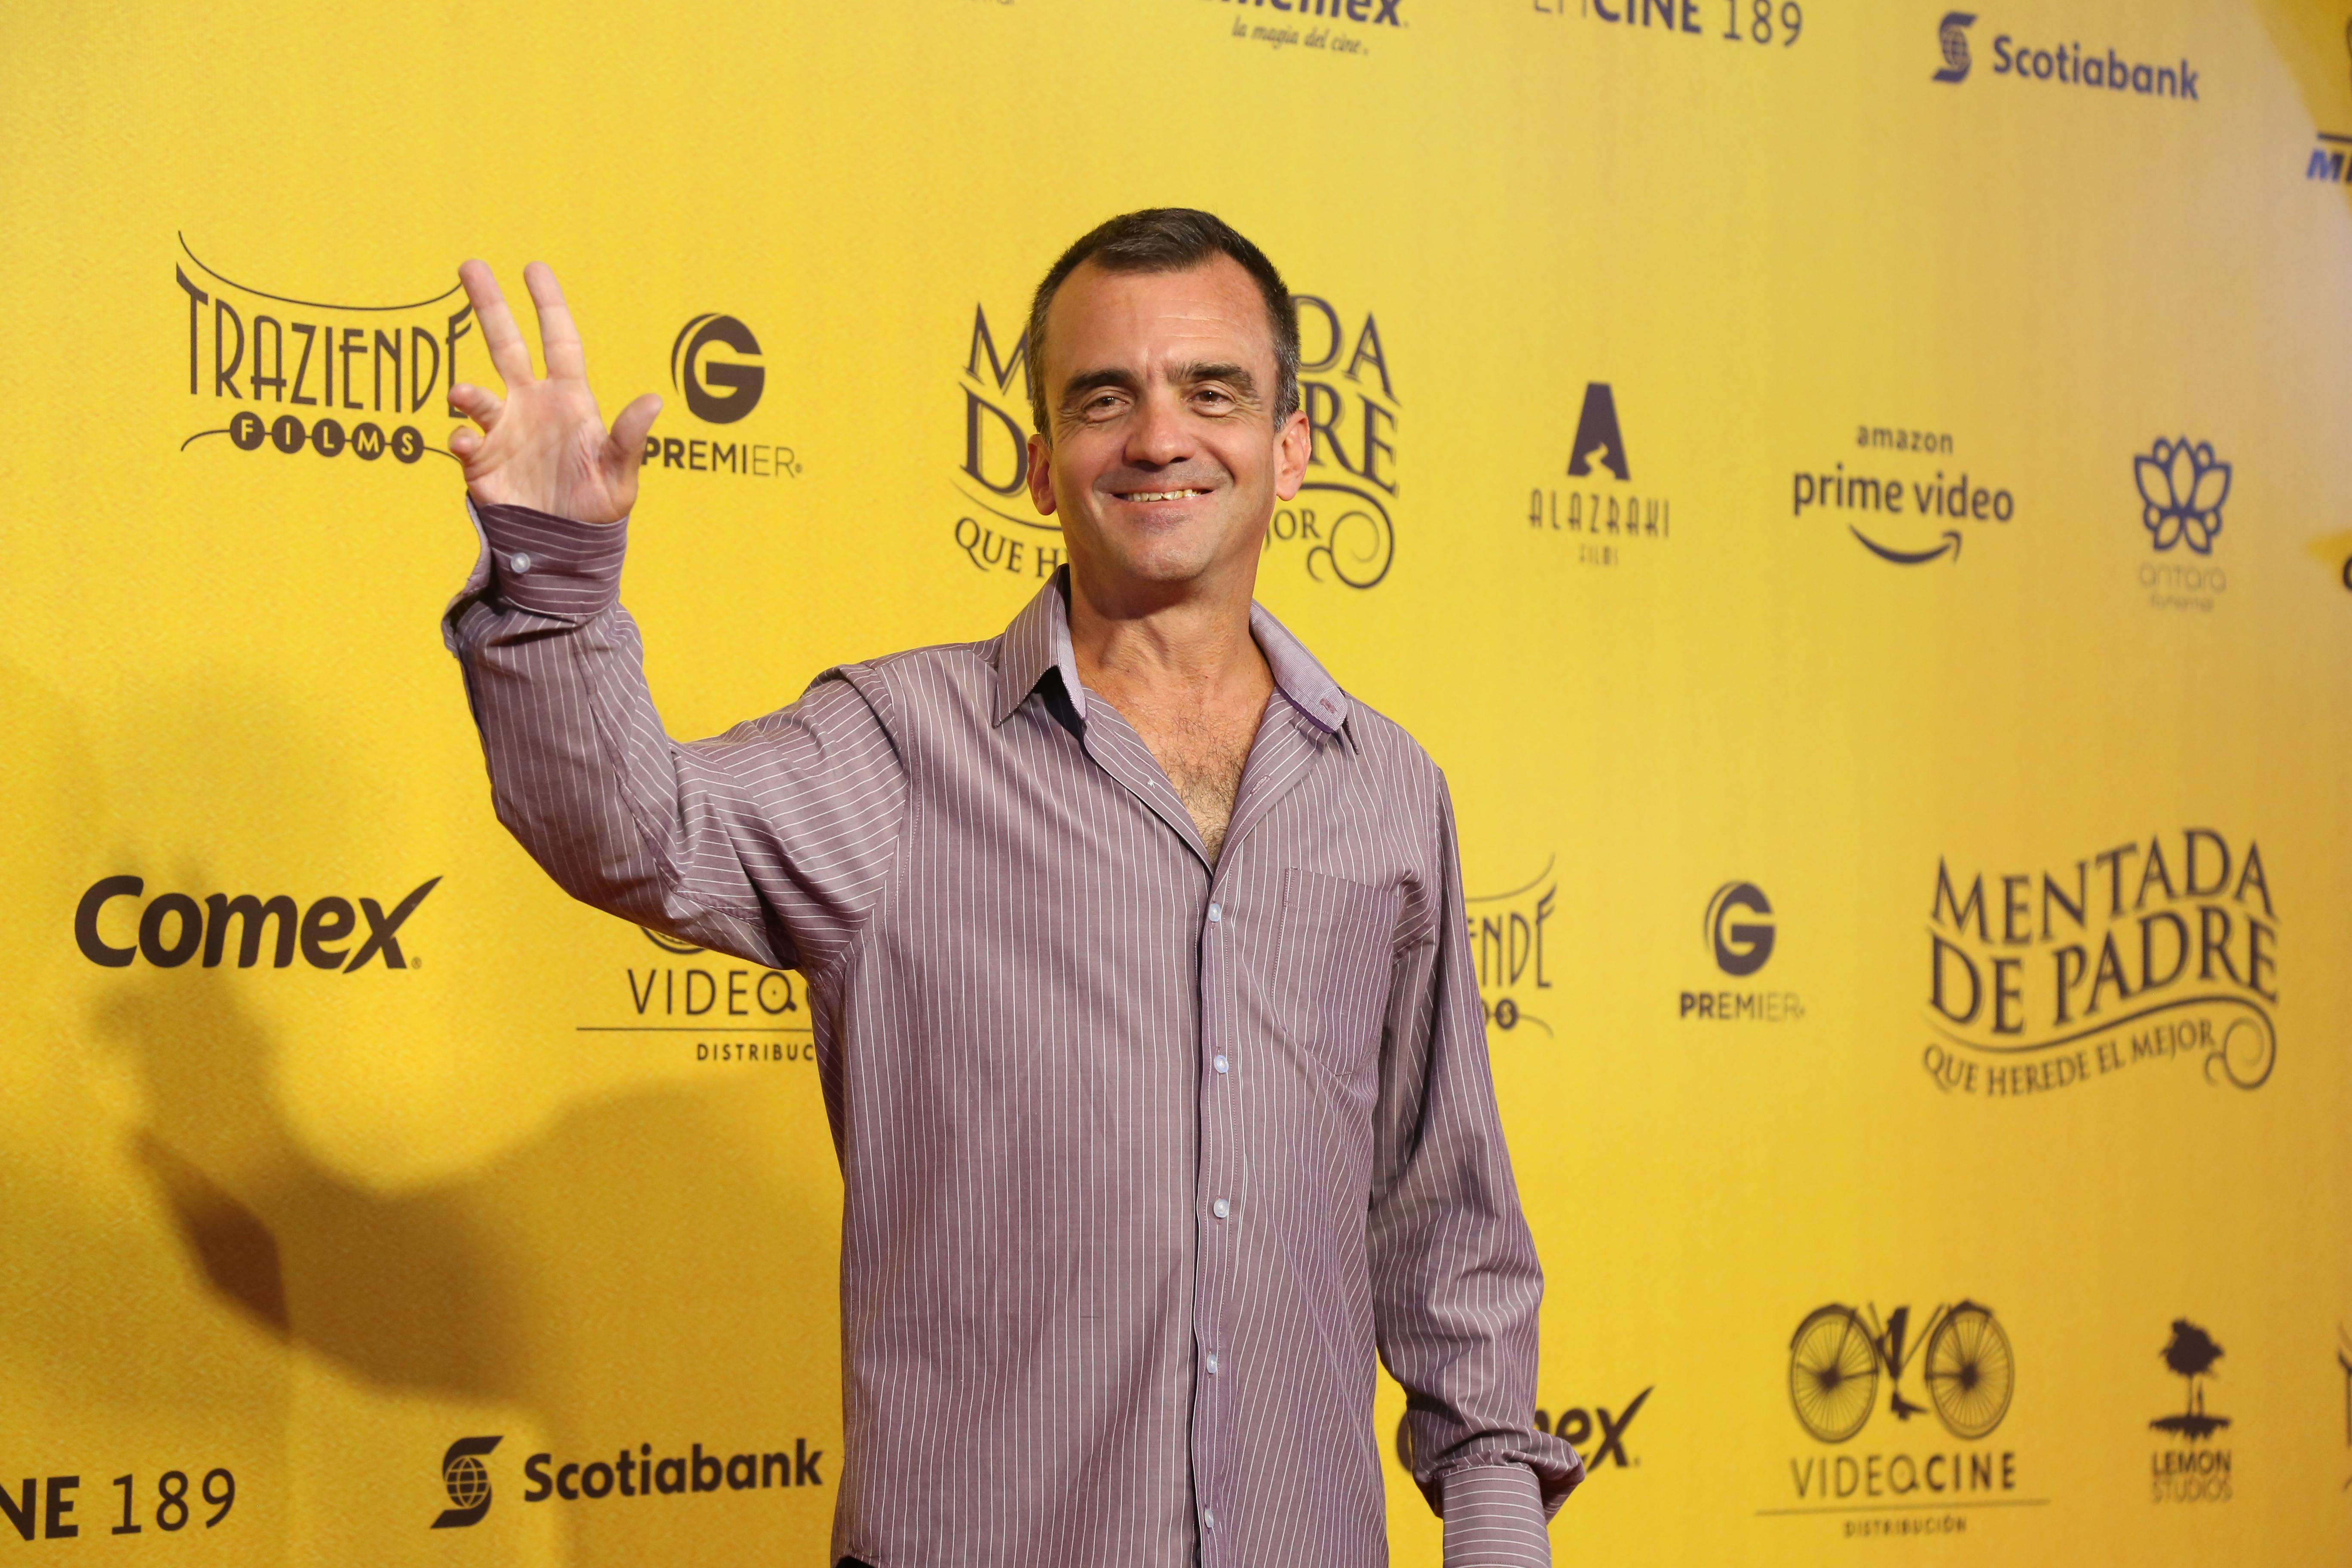 Carlos Arau